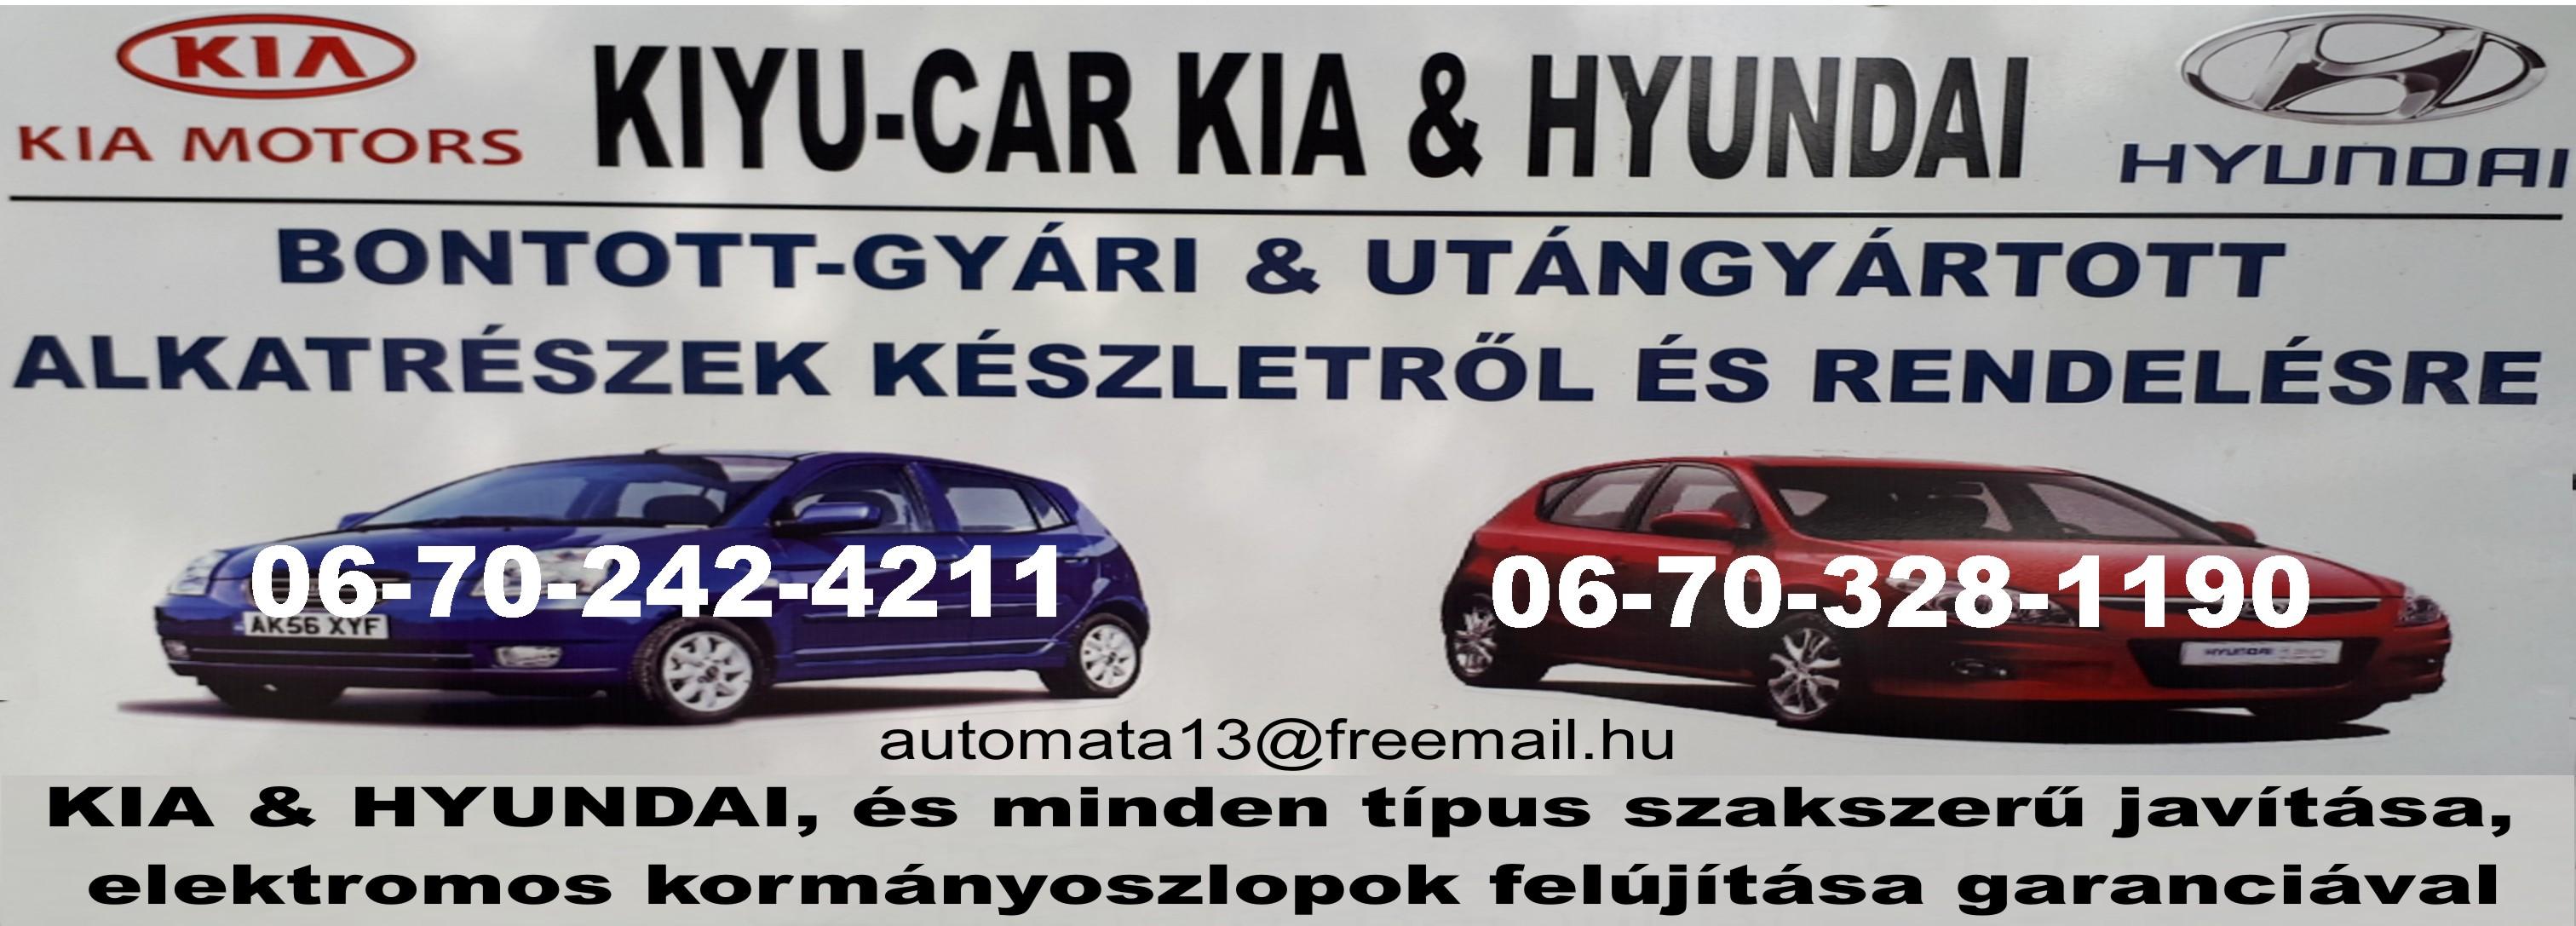 Bontoinfo Az Autobonto Adatbazis Bontott Autoalkatreszek A Z Ig Hyundai Bonto